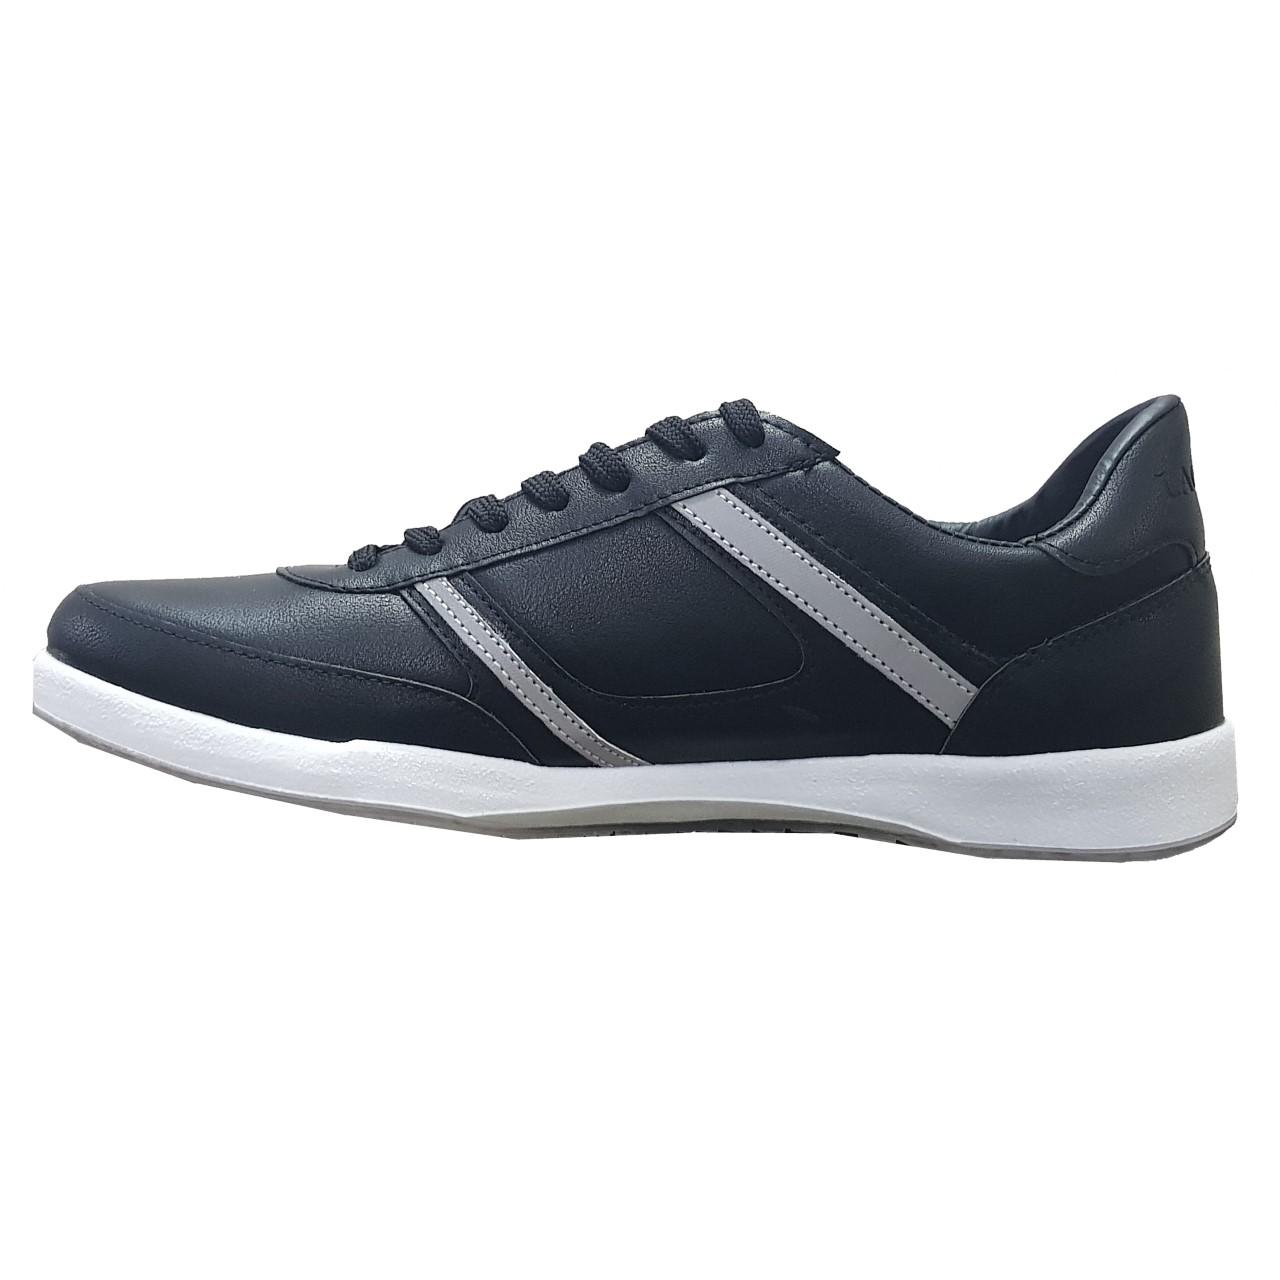 کفش مردانه مدل زامورا کد 1550